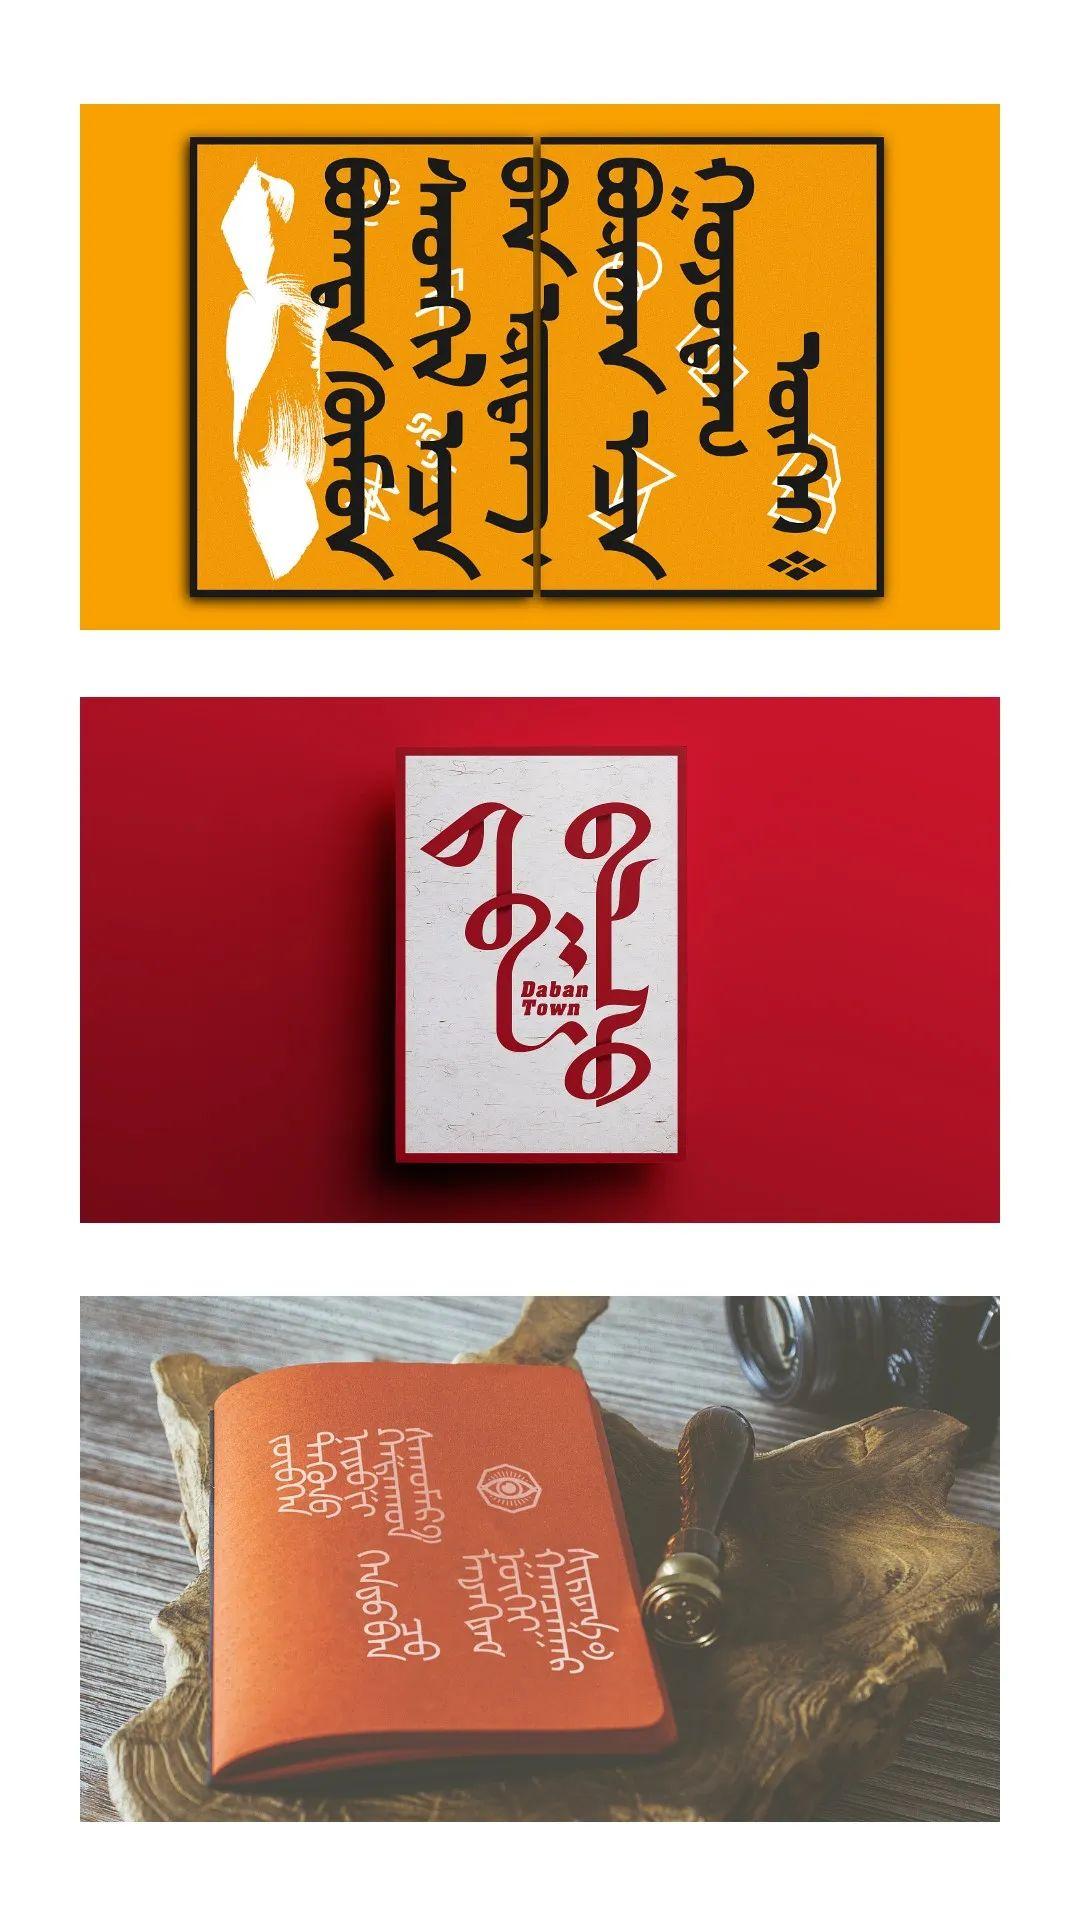 超赞的蒙元素设计-看完马上收藏 #Hotoch-Design#设计案例 第10张